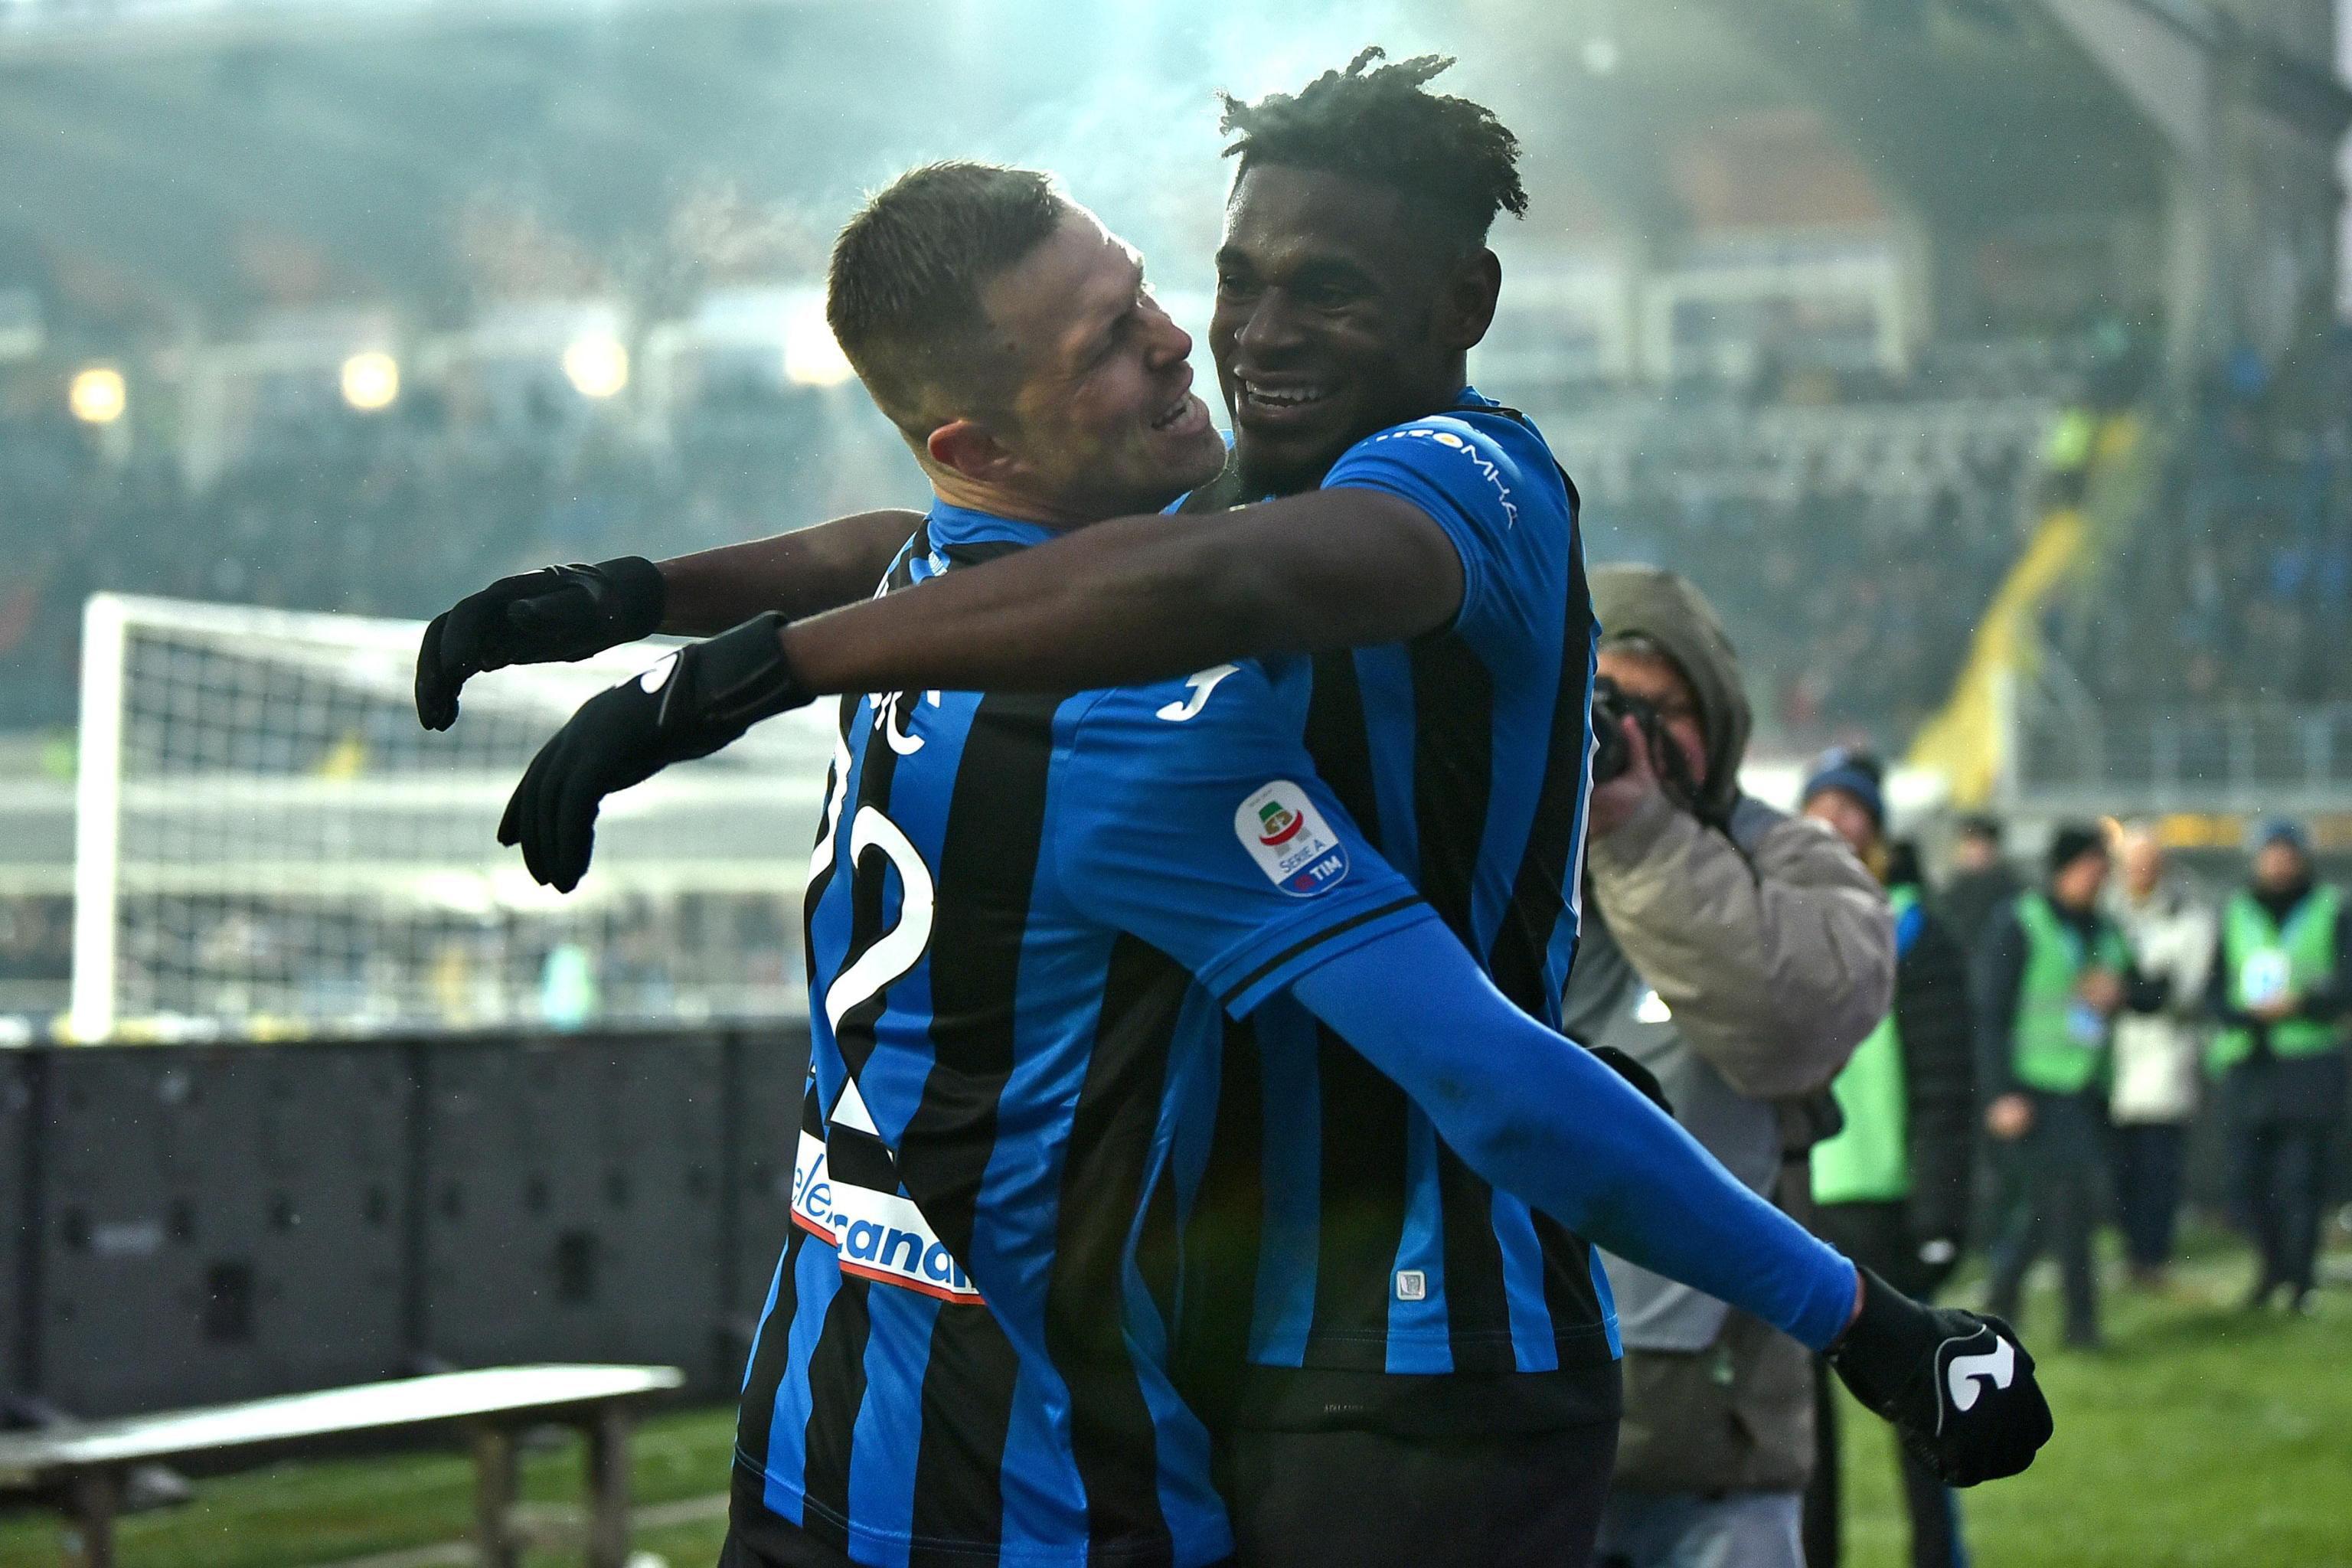 Así festejaron los jugadores del Atalanta, en el empate contra la Roma. (Foto Prensa Libre: EFE)